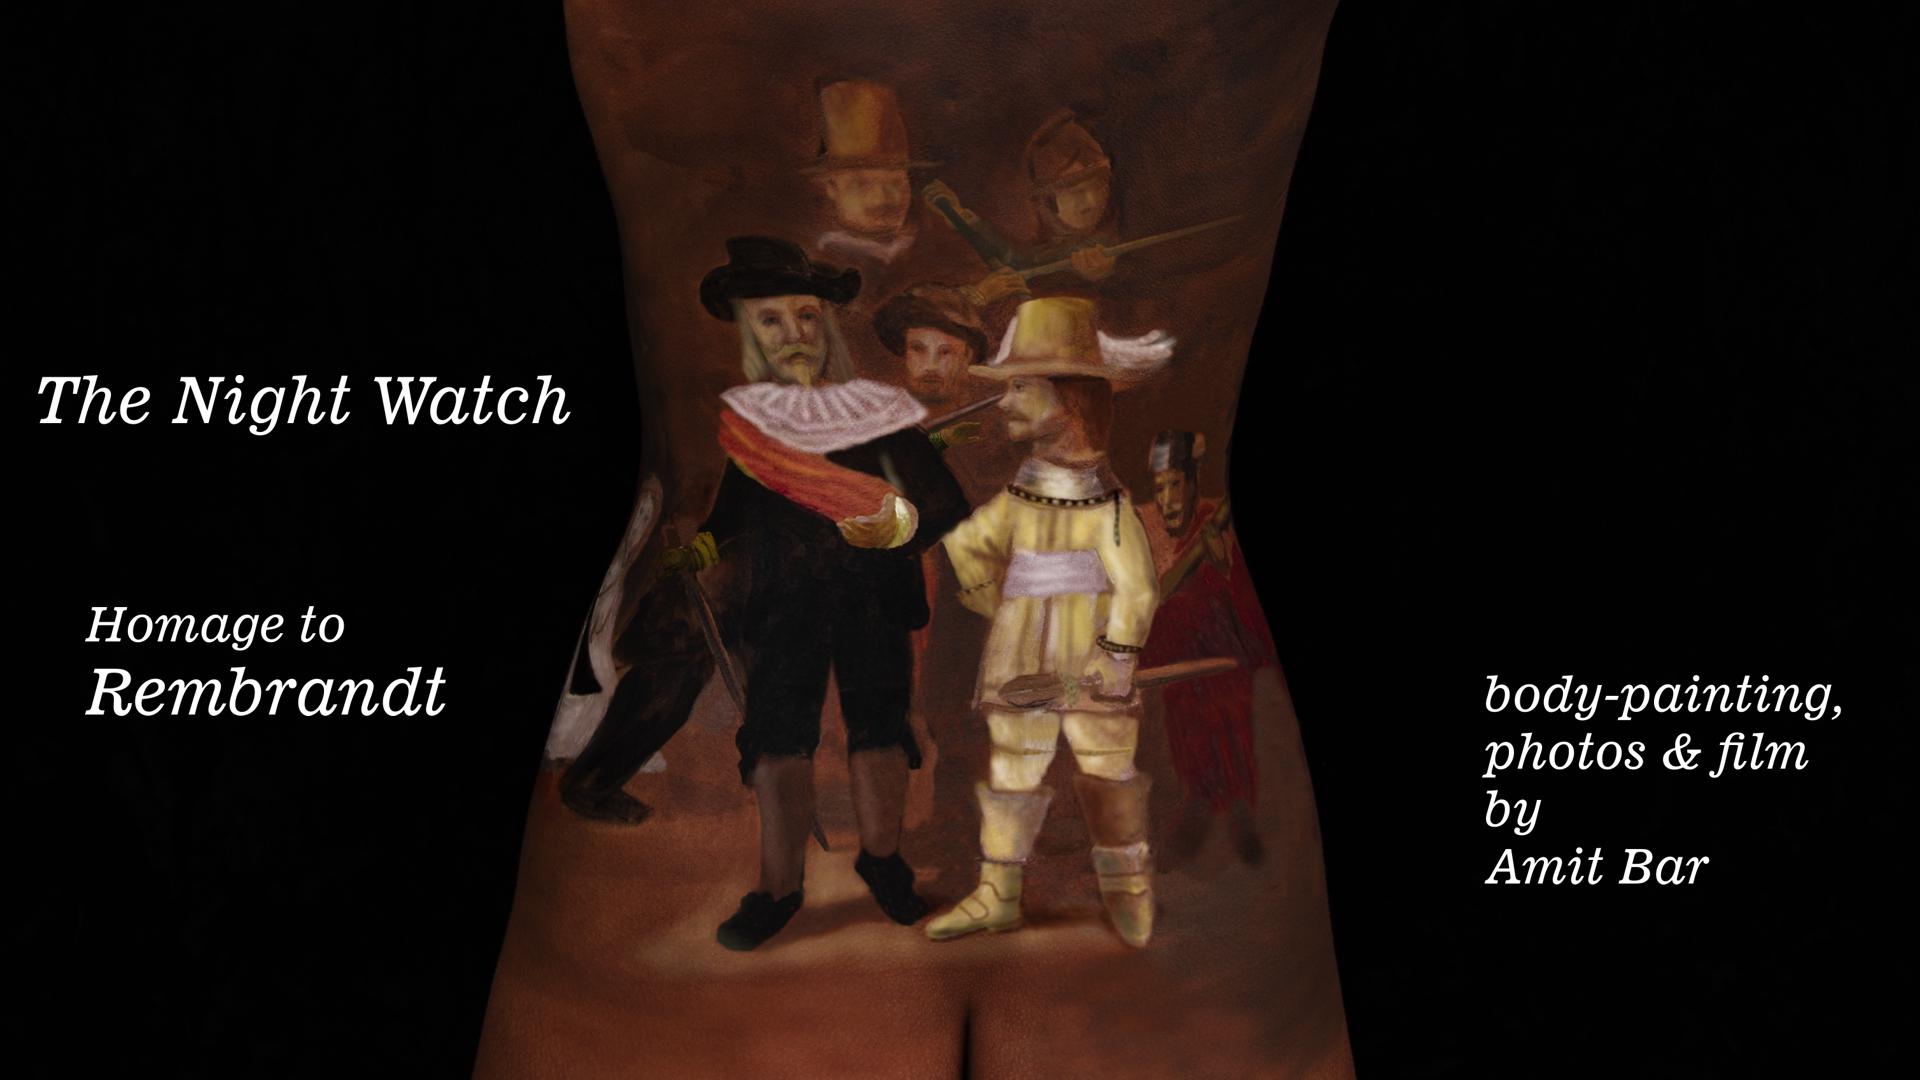 Night Watch: Night Watch video